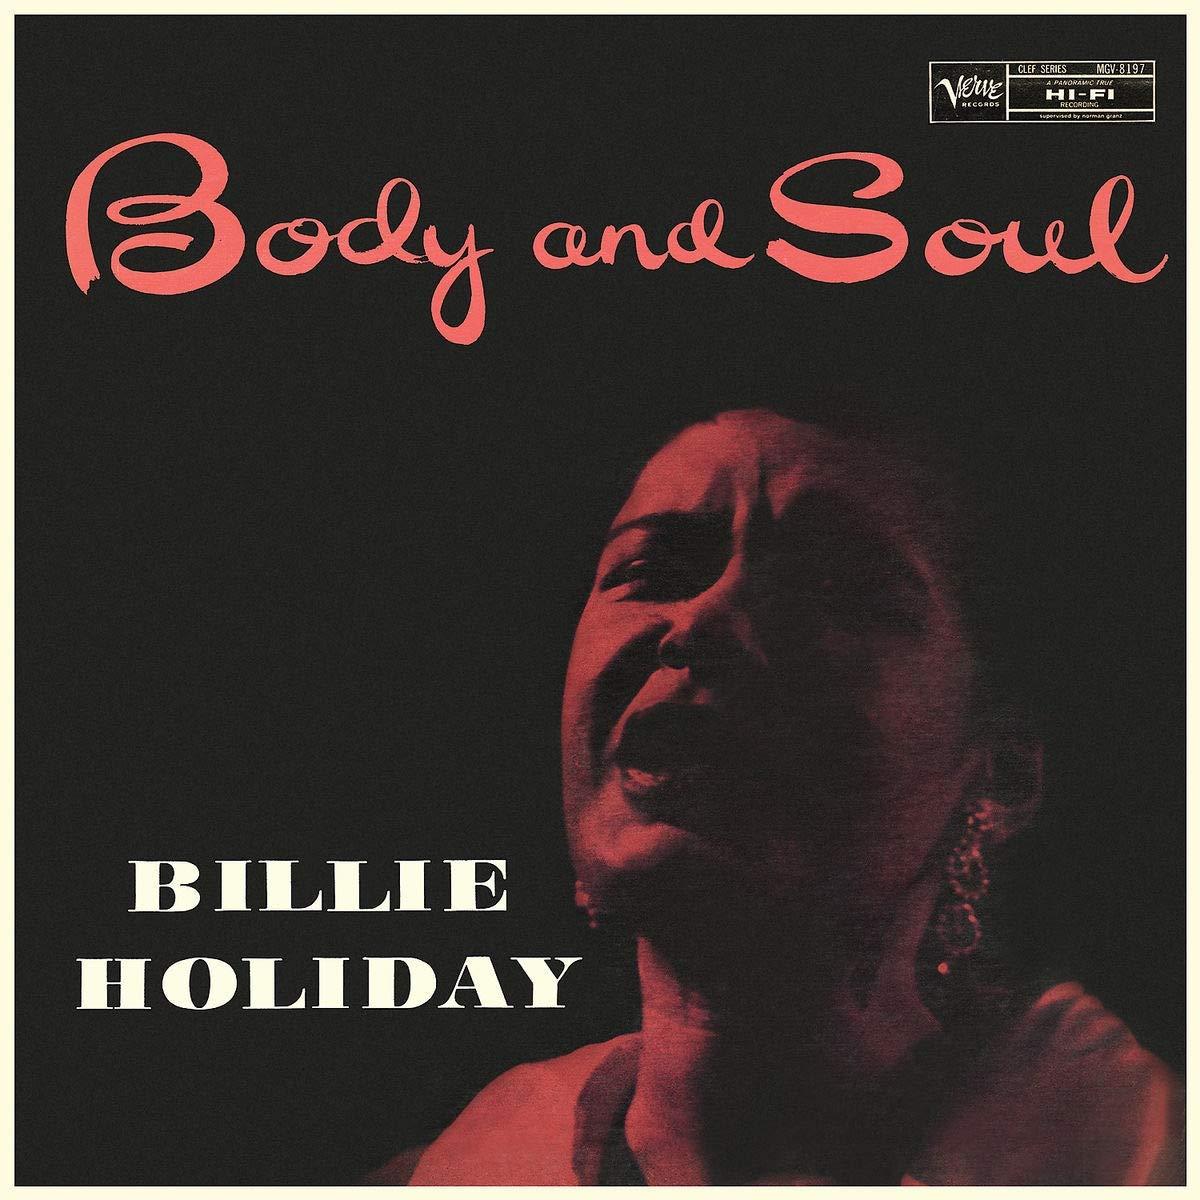 лучшая цена Билли Холидей Billie Holiday. Body And Soul (LP)